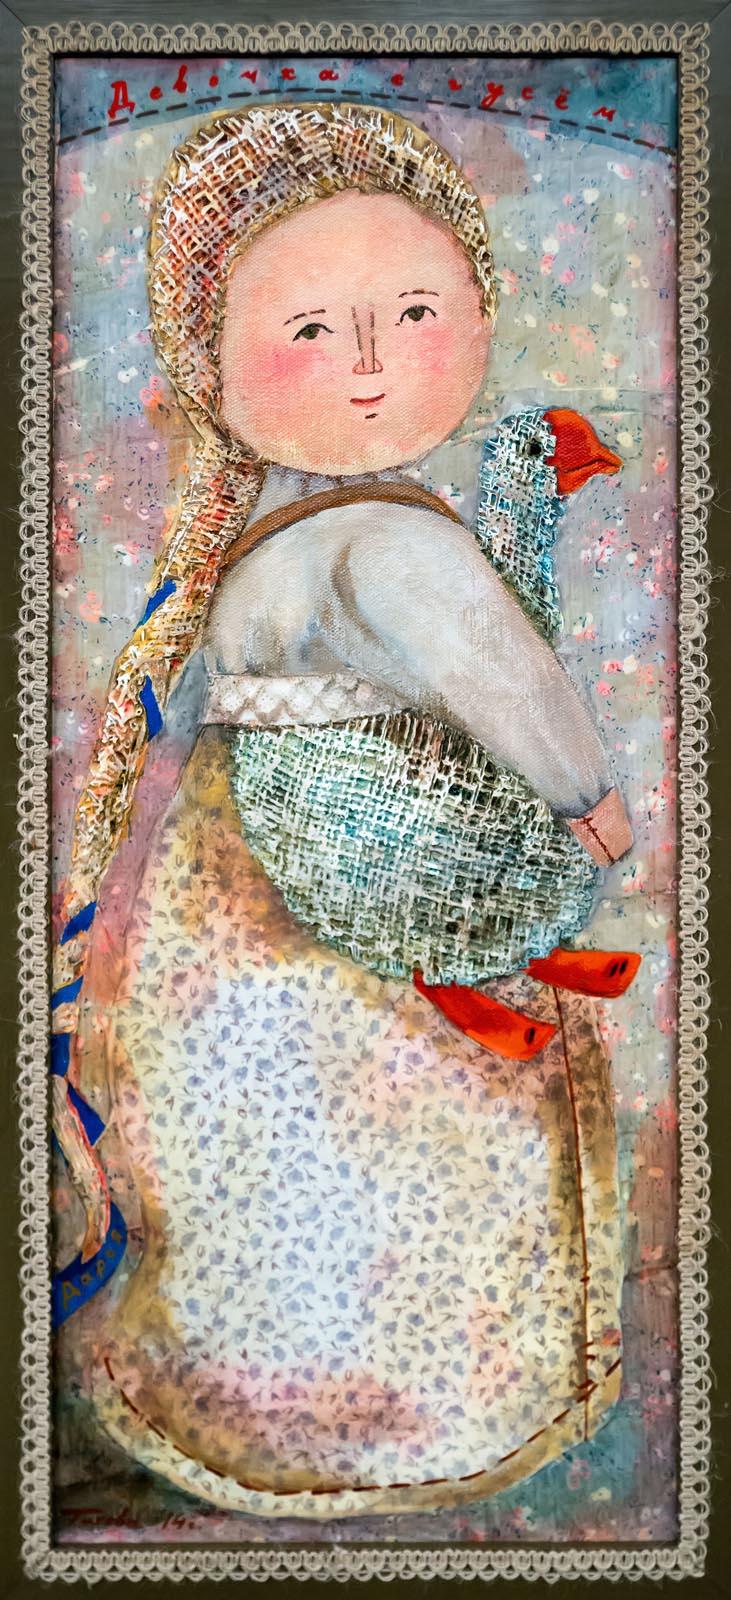 Фото №272737. Девочка с гусём. Дарья. Автор: Елена Титова